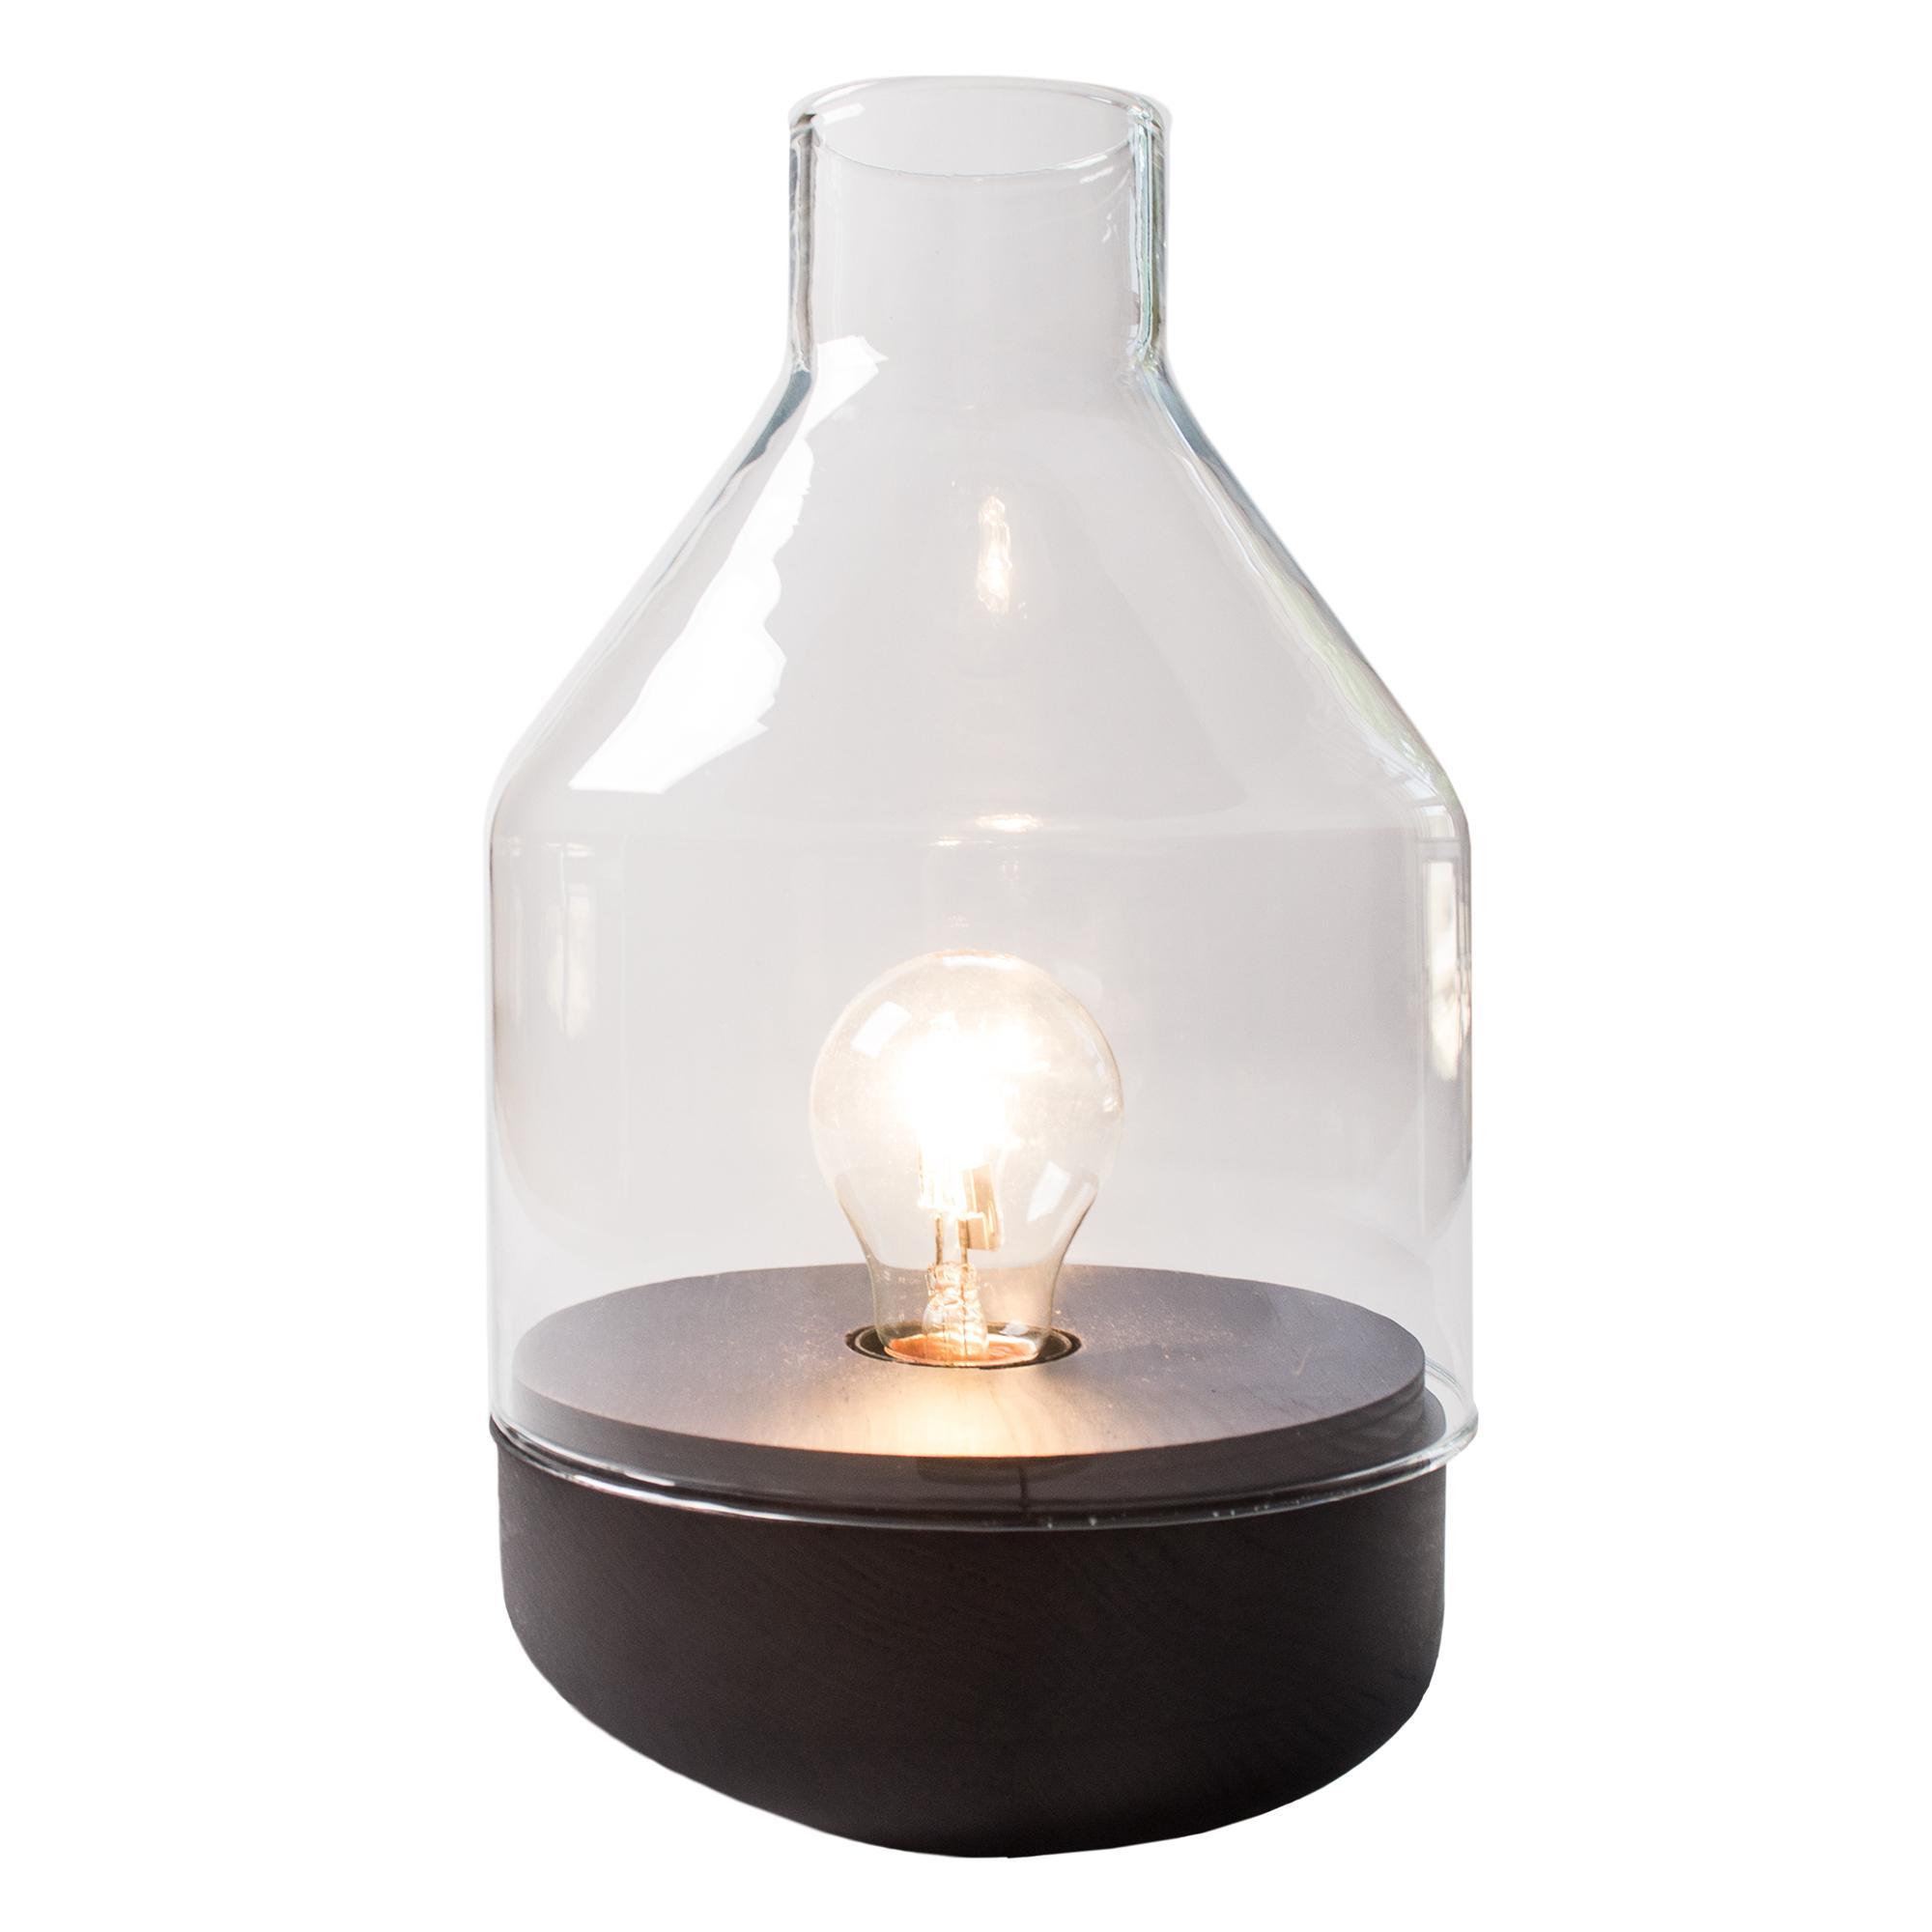 Tischlampe Weiß Glas